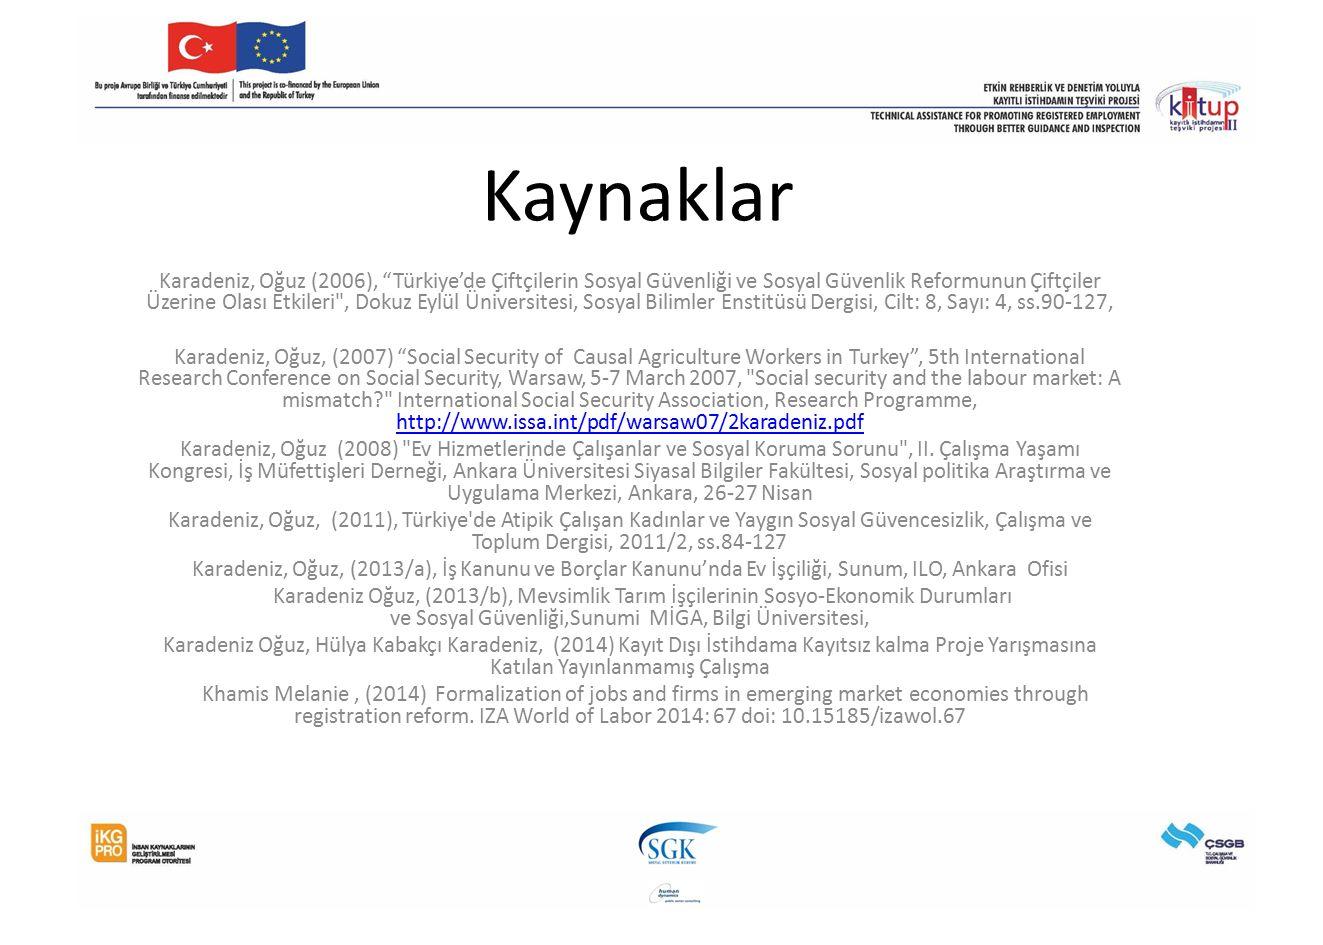 """Kaynaklar Karadeniz, Oğuz (2006), """"Türkiye'de Çiftçilerin Sosyal Güvenliği ve Sosyal Güvenlik Reformunun Çiftçiler Üzerine Olası Etkileri"""